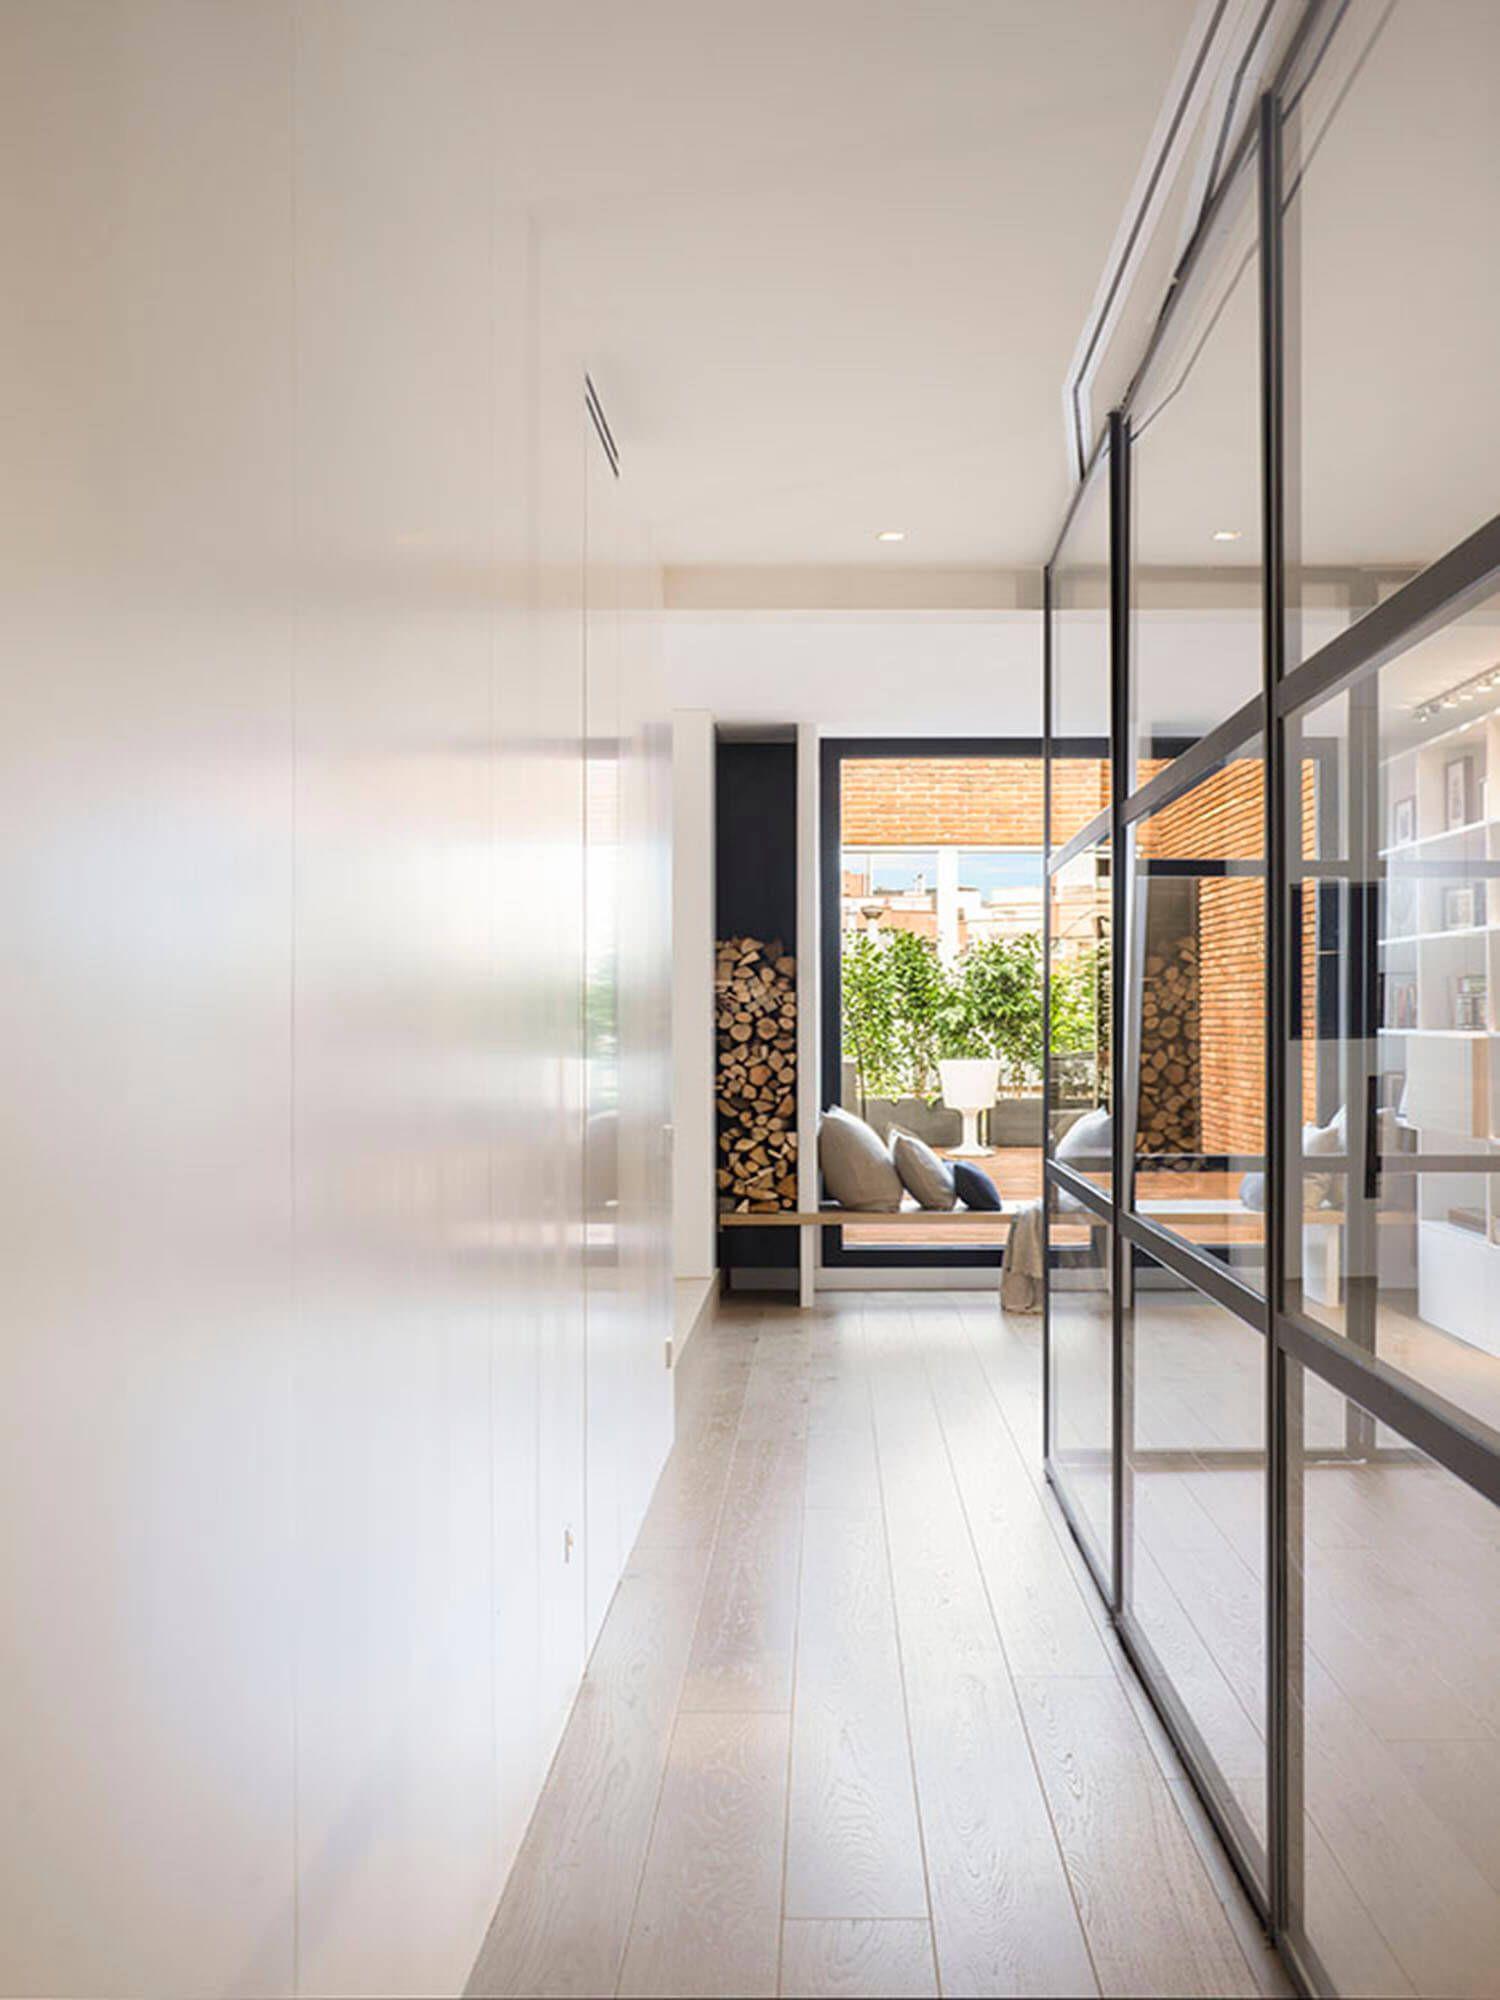 Barcelona penthouse by susanna cots est living interior design